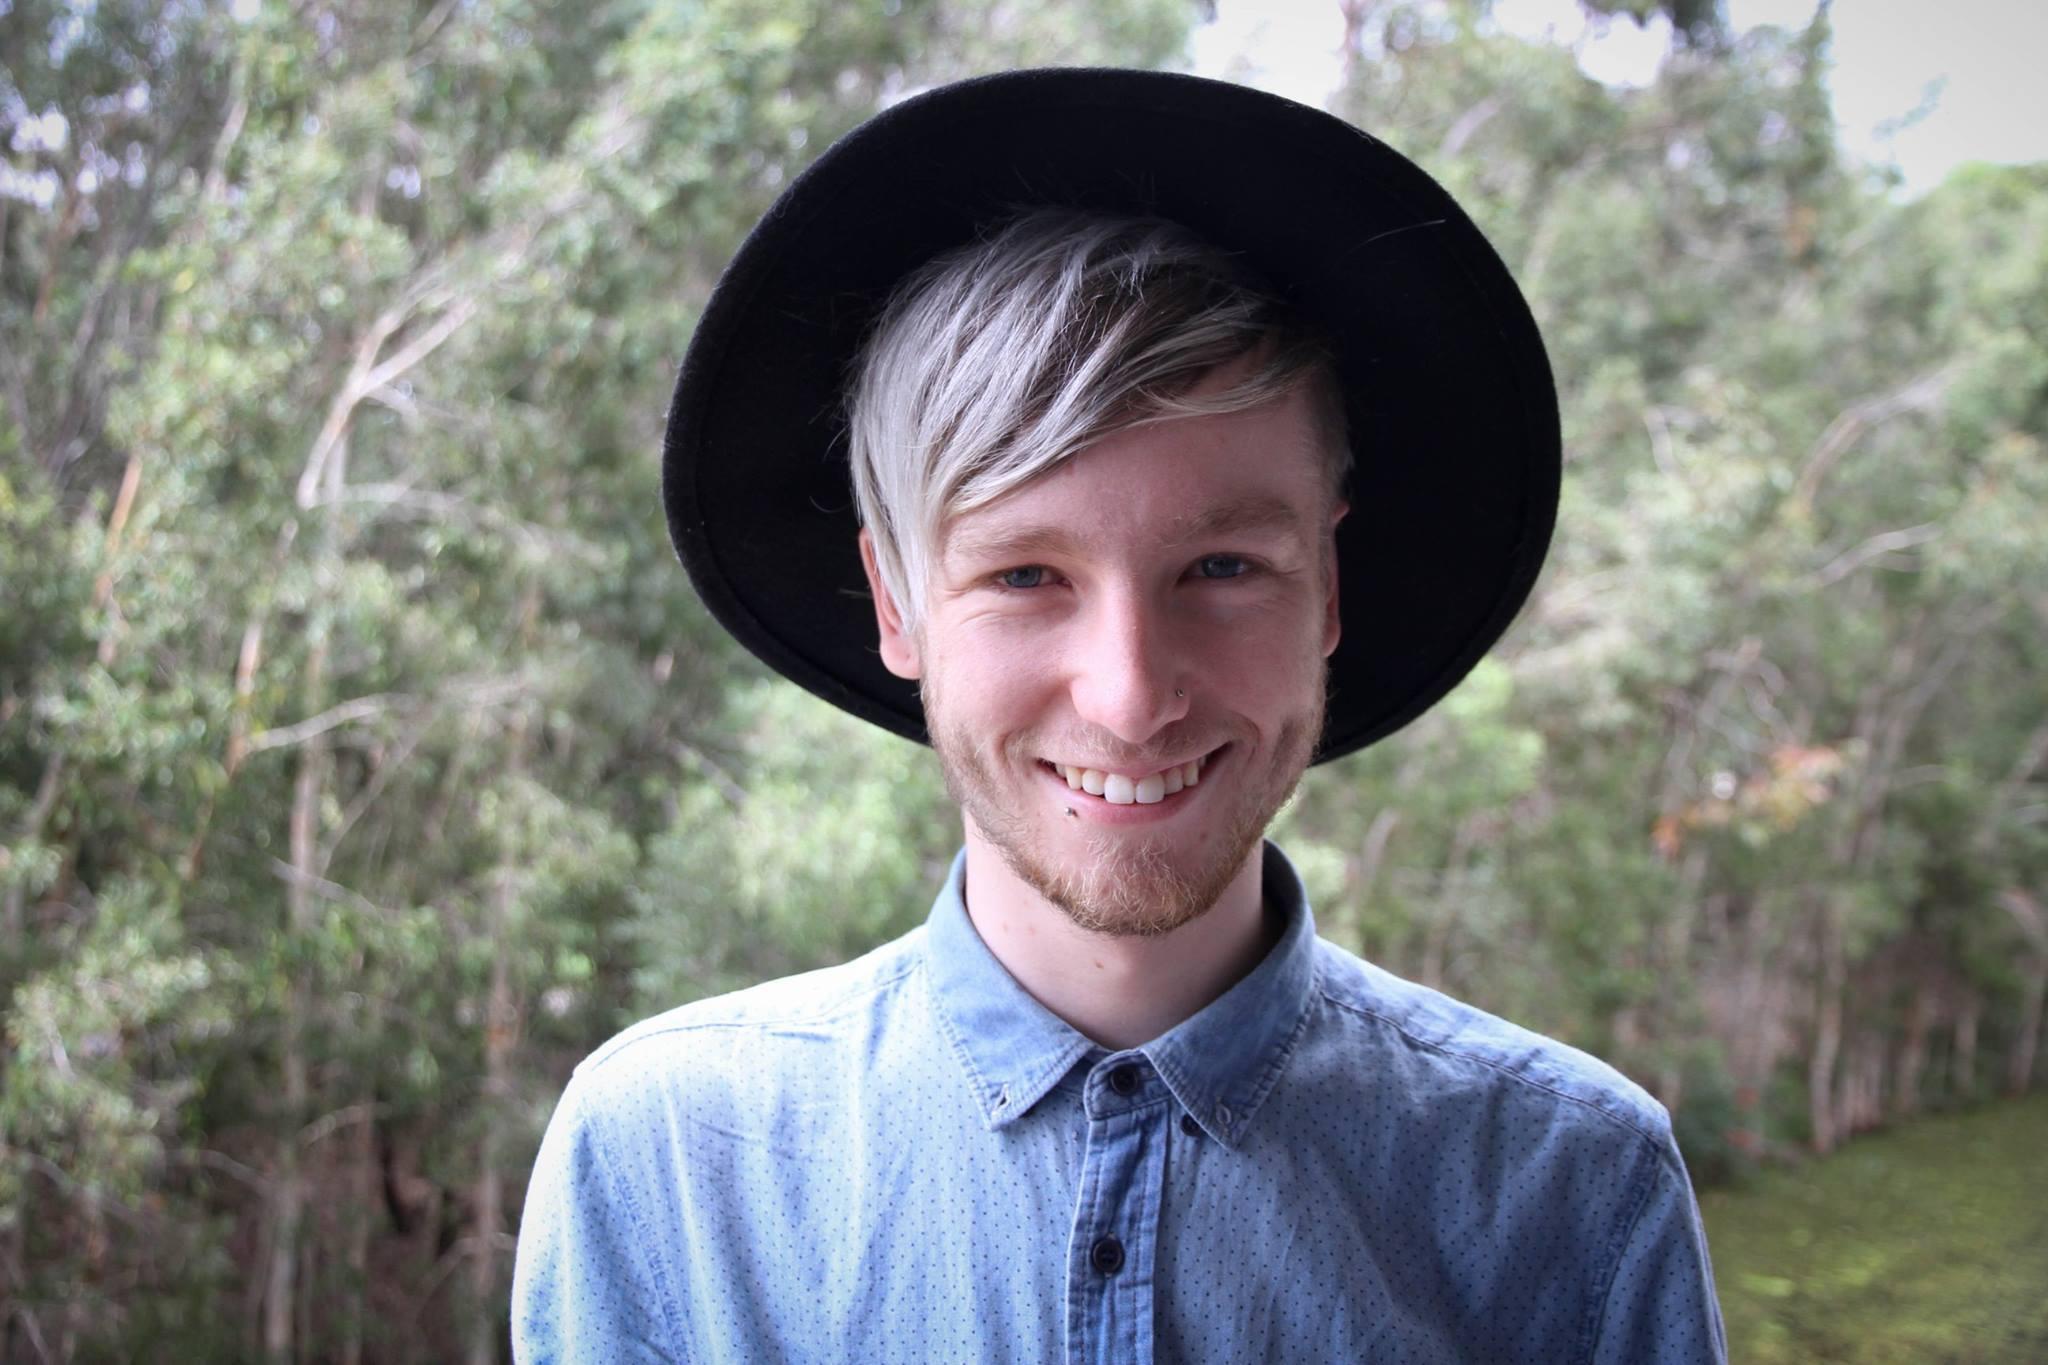 Jesse Chaffey: journo student, writer, Heywire 2015 winner and Lady Gaga minion.